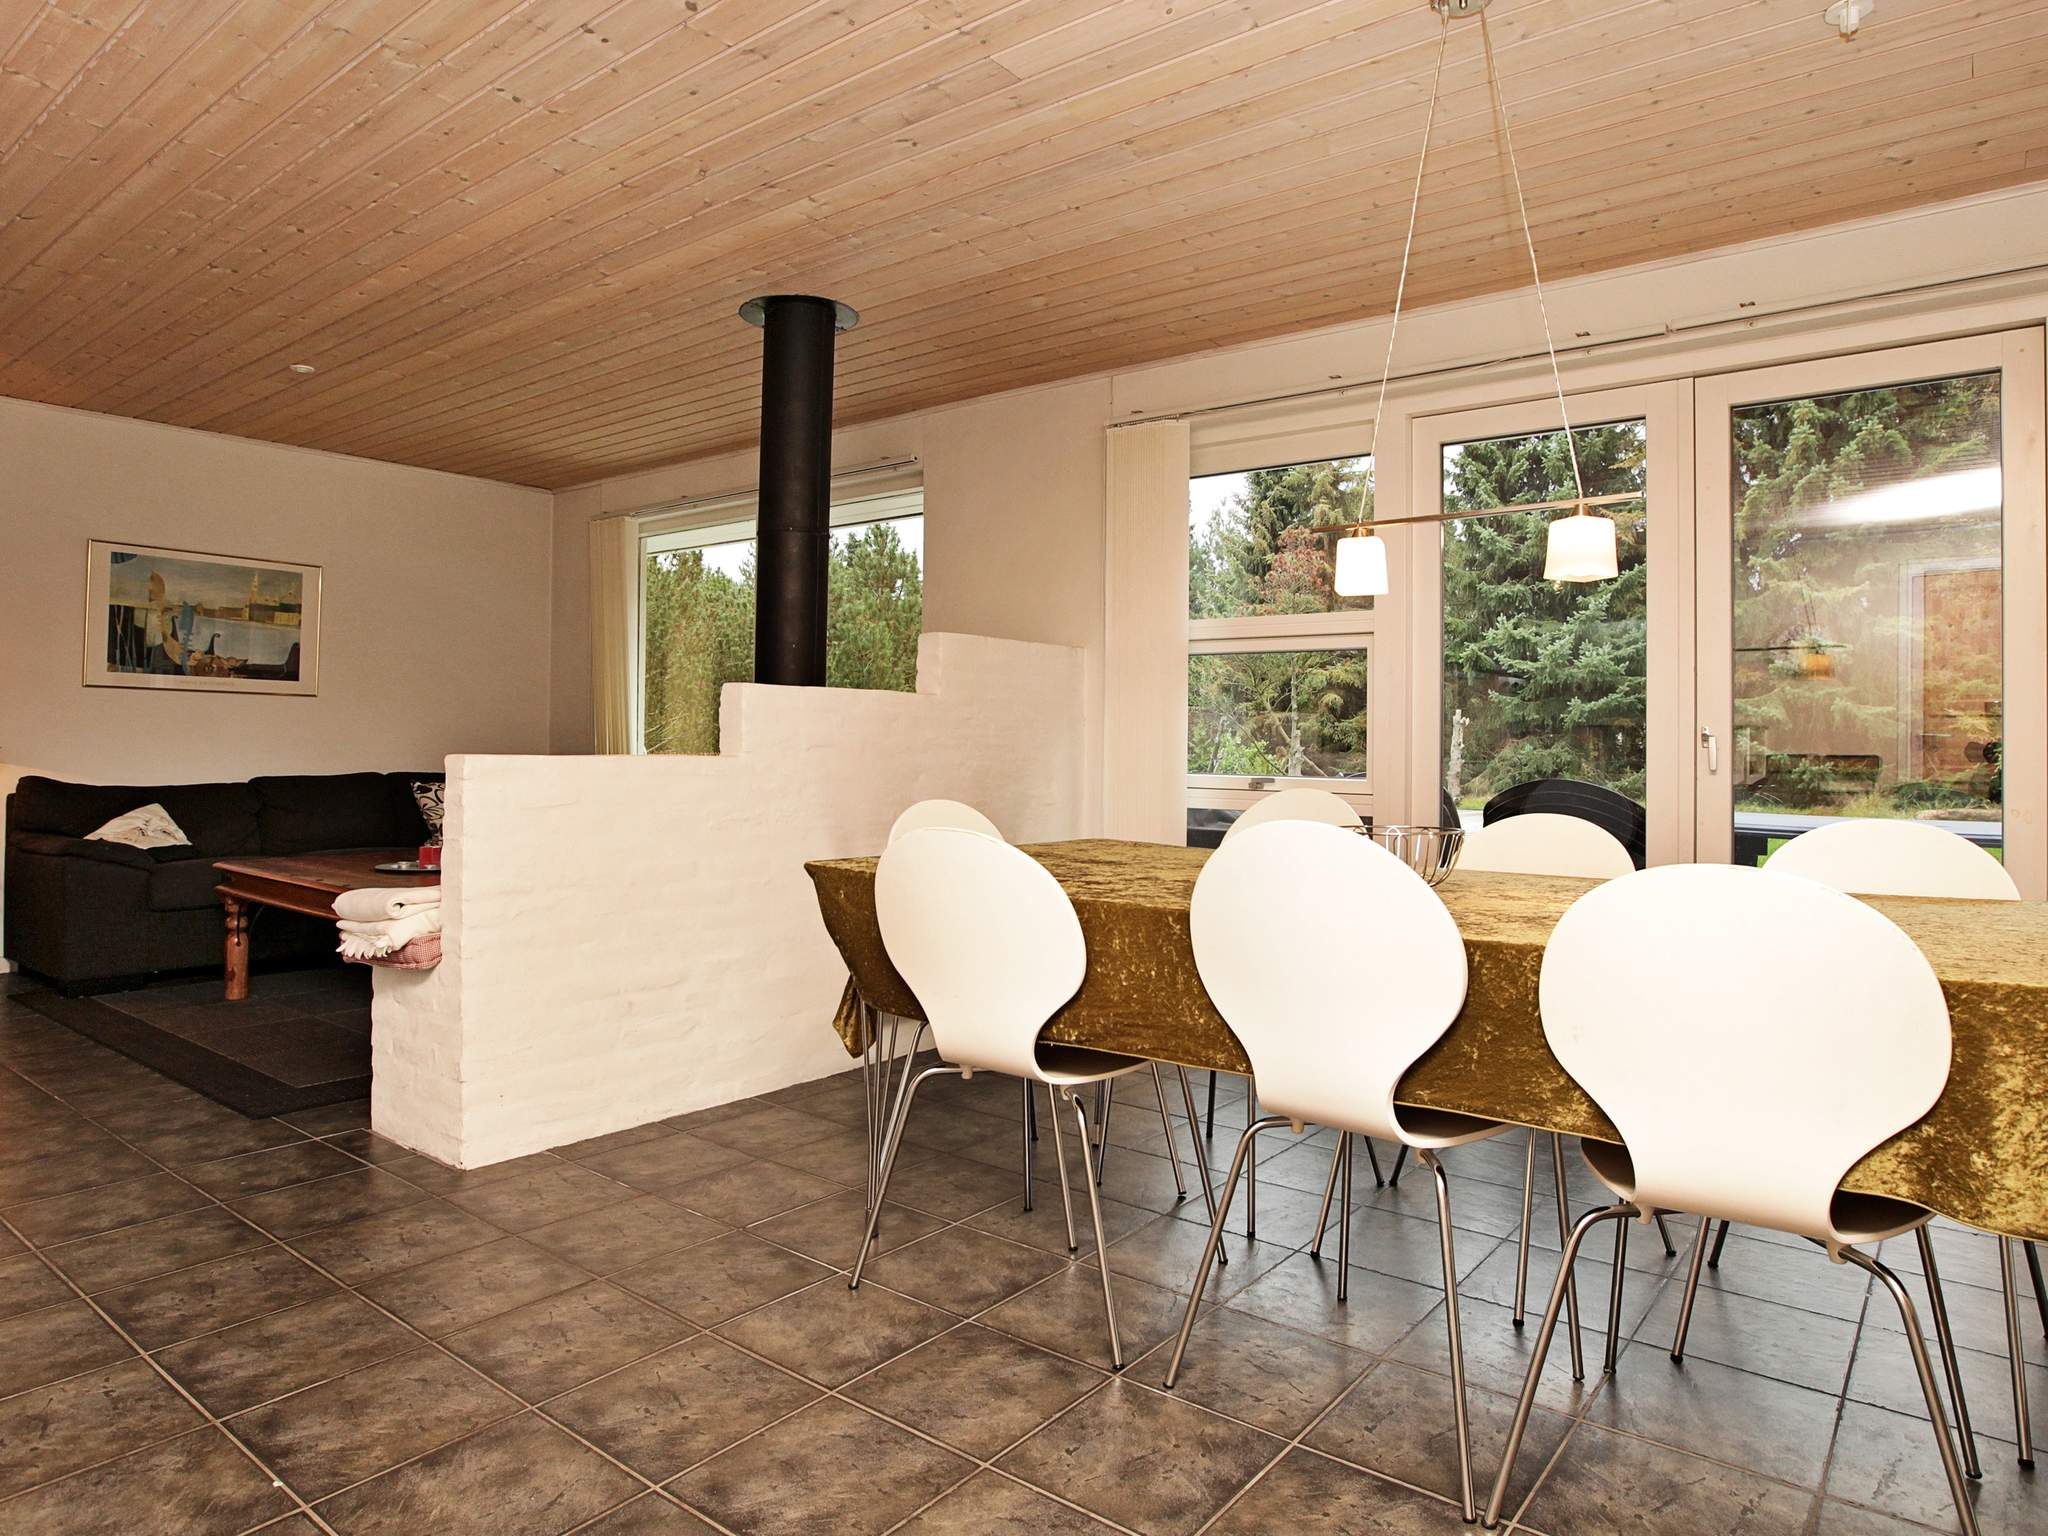 Ferienhaus Marielyst (93554), Marielyst, , Falster, Dänemark, Bild 15